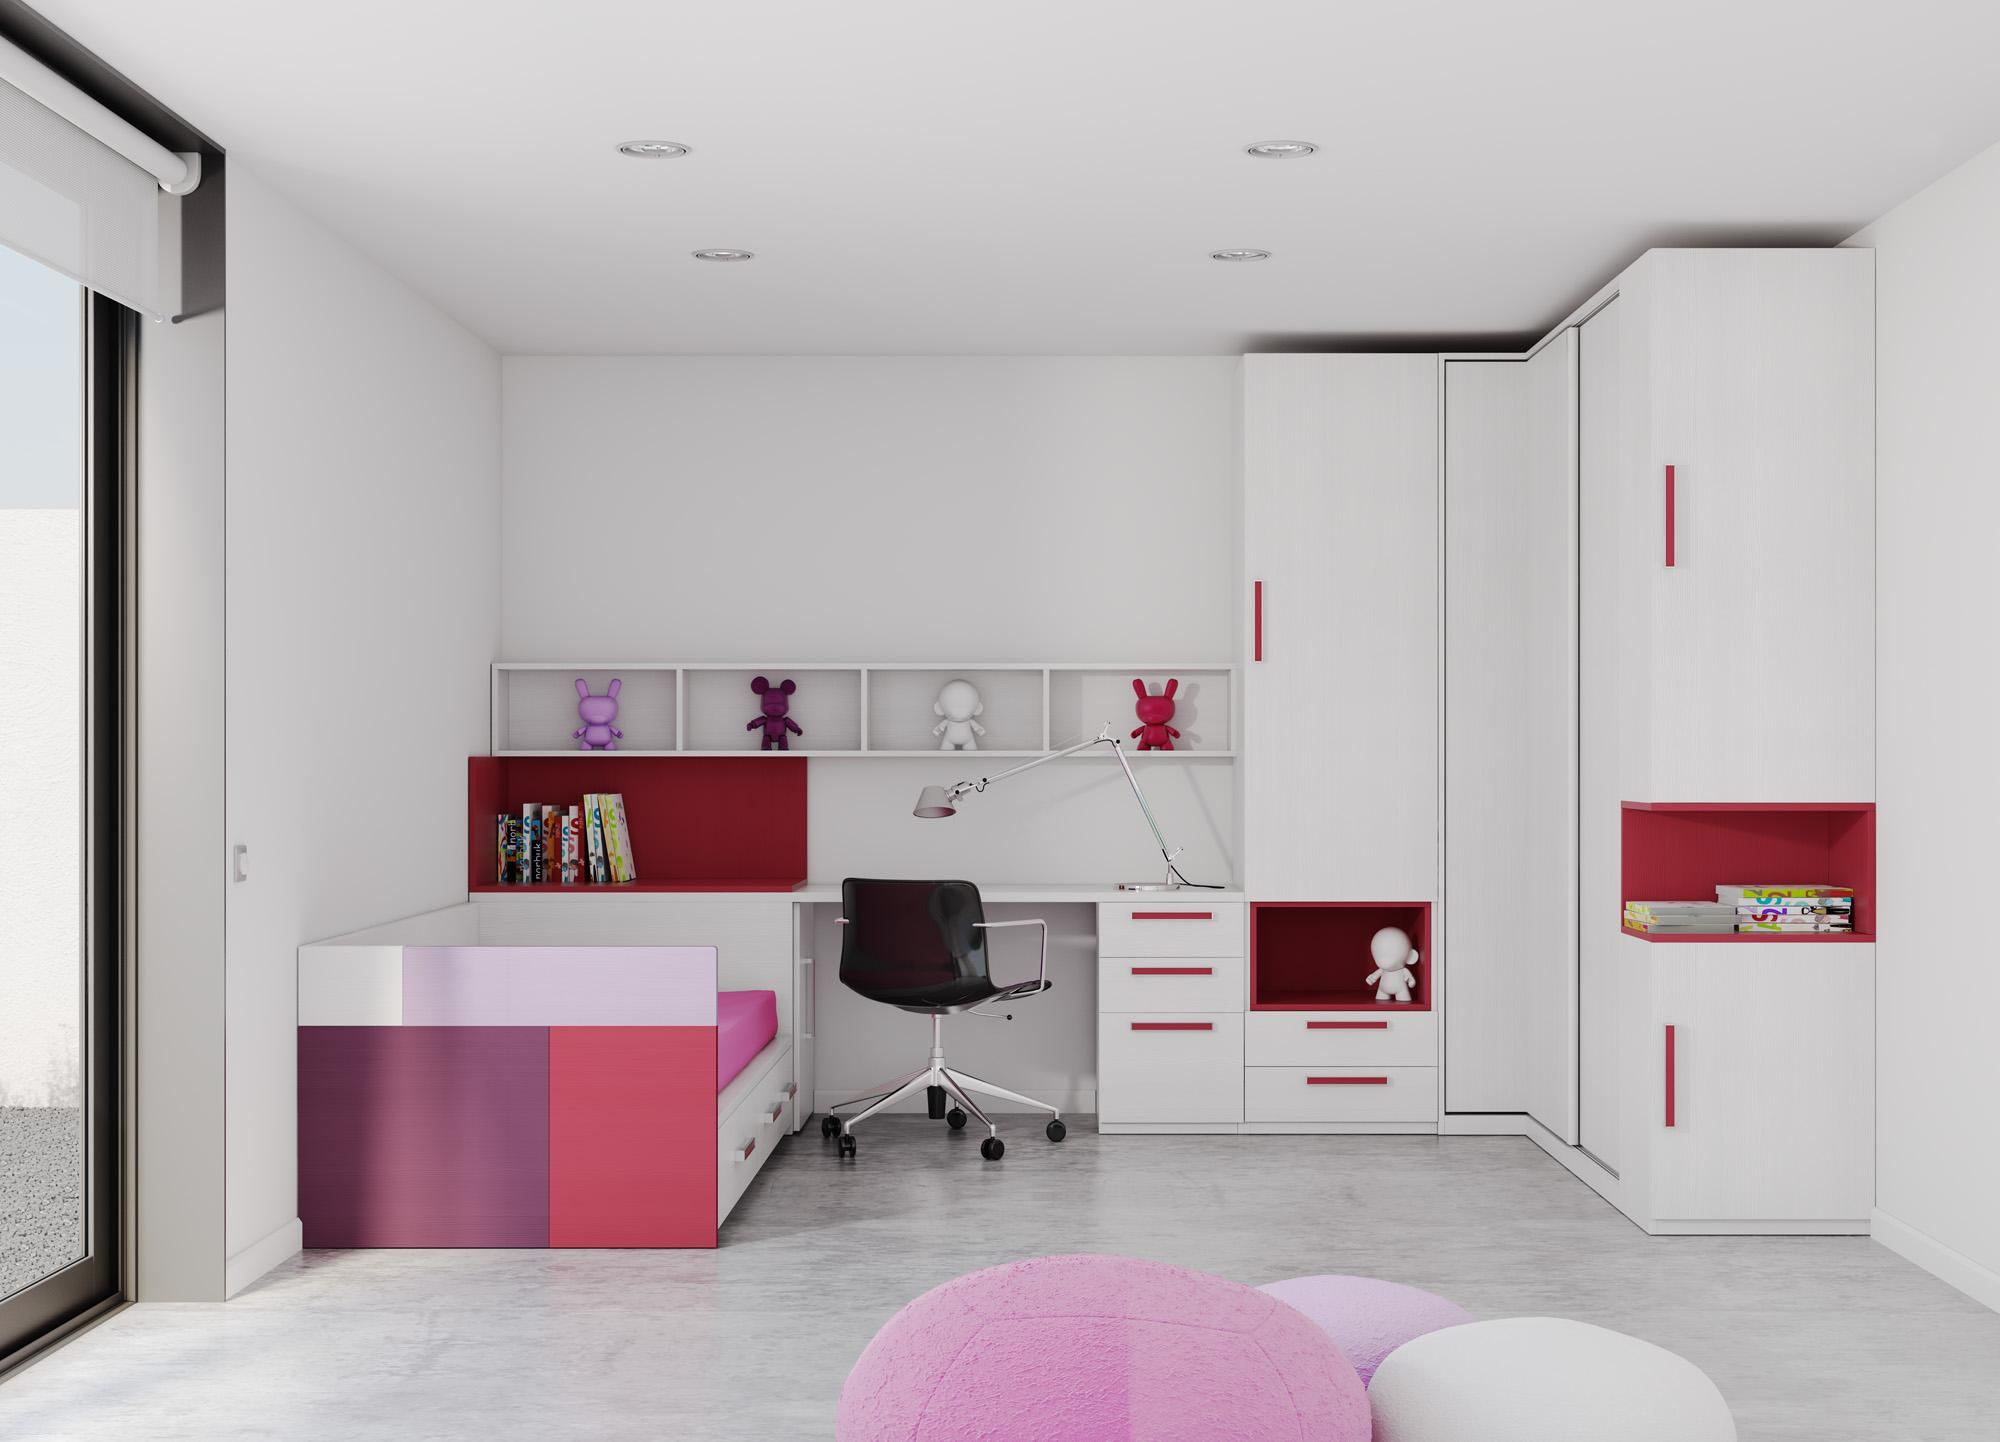 ensemble pour chambre d 39 enfant design 12 0 16 0 containers 40 pieds par mois. Black Bedroom Furniture Sets. Home Design Ideas